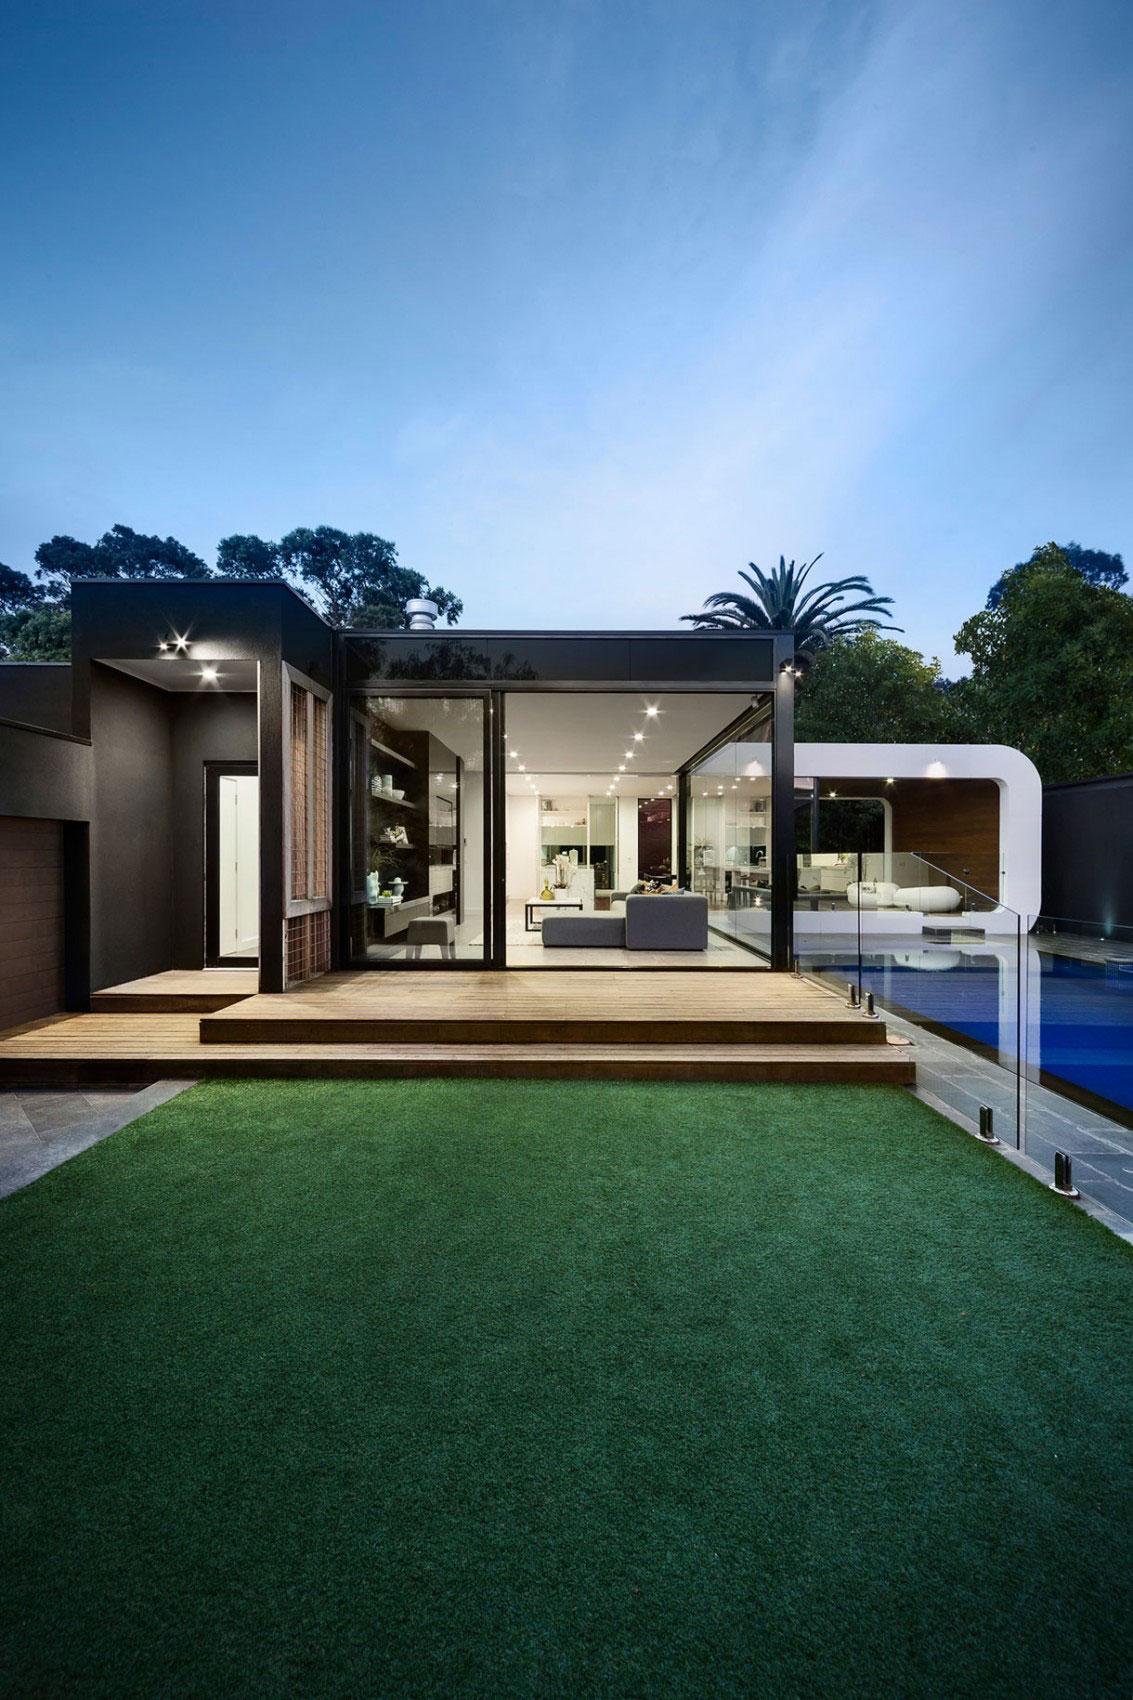 Modern bit av arkitektur och inredningsdesign, skapad av LSA-Architekten-1.4 Modern bit av arkitektur och inredningsdesign, skapad av LSA-Architekten